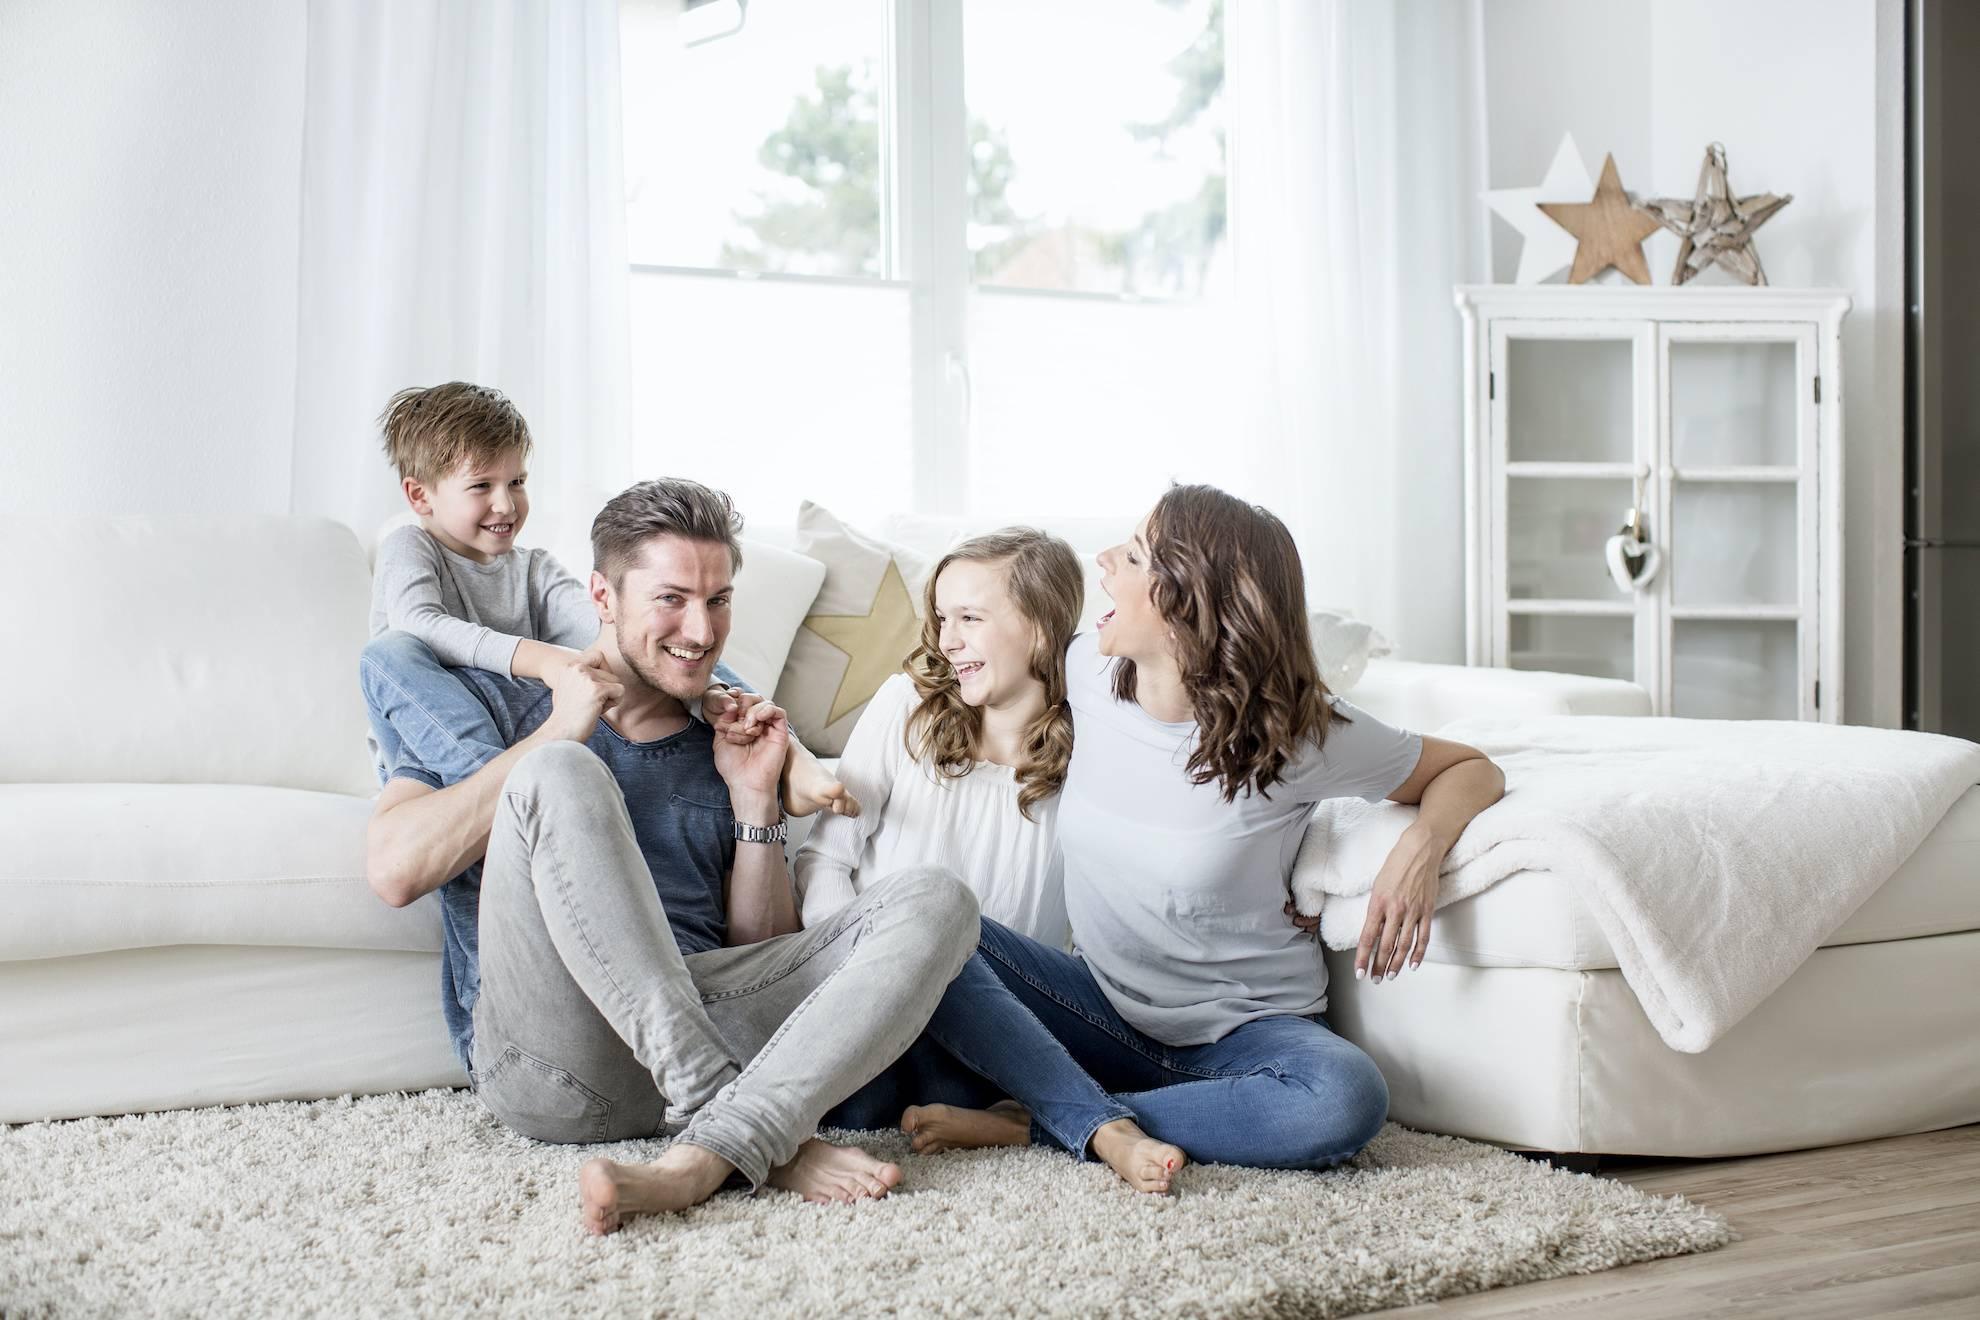 famille heureuse dans une maison